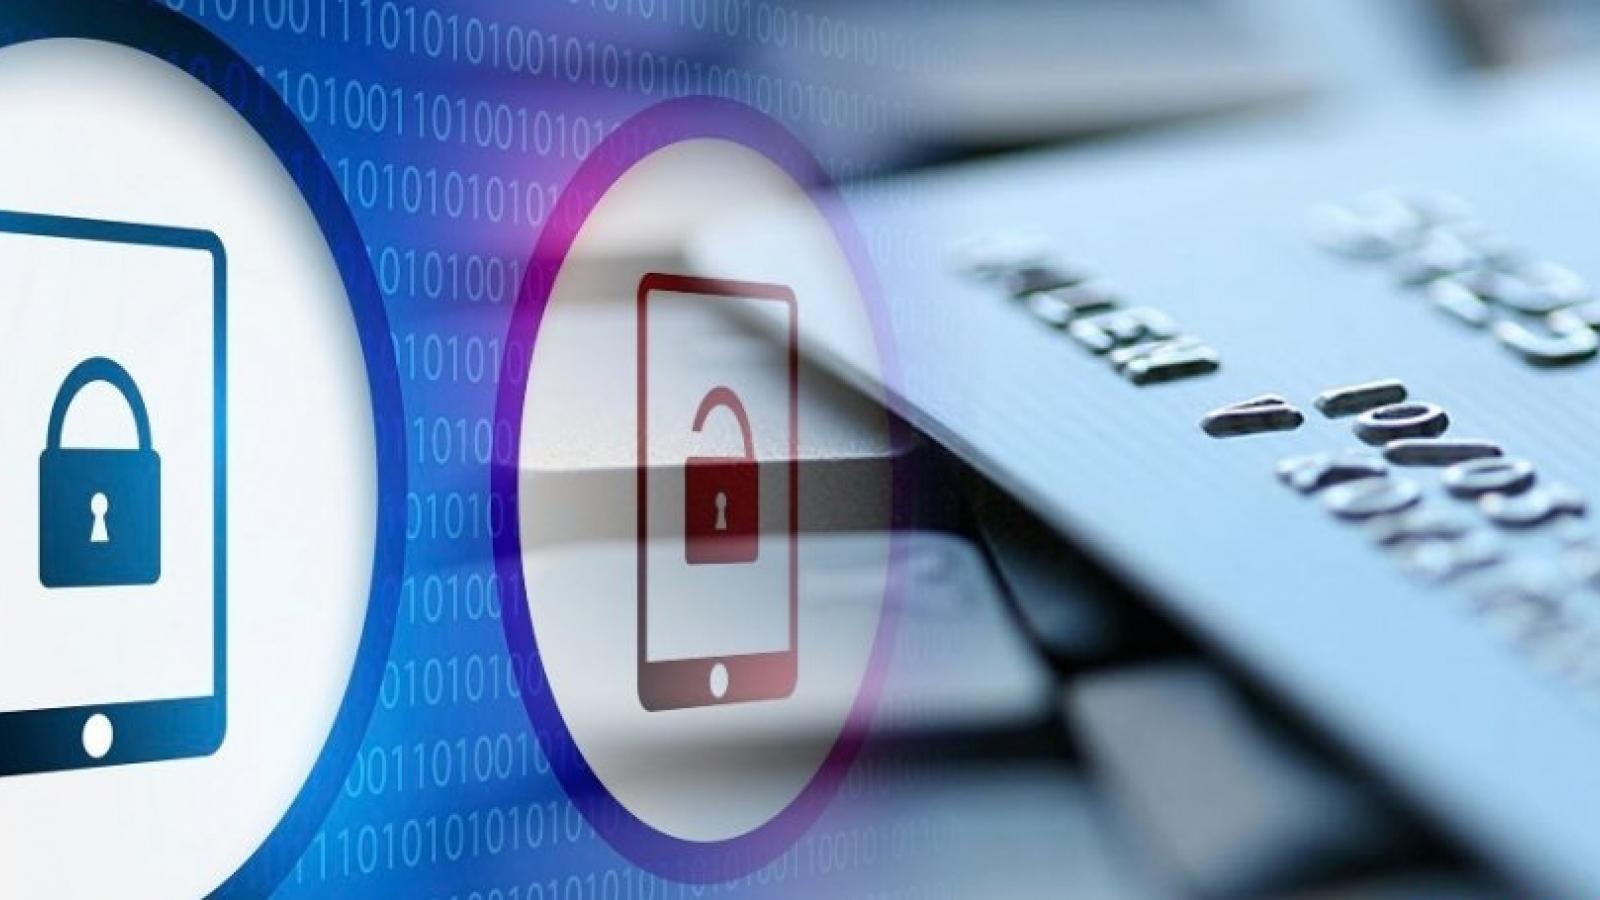 Cảnh báo ăn cắp thông tin tài chính của người tiêu dùng